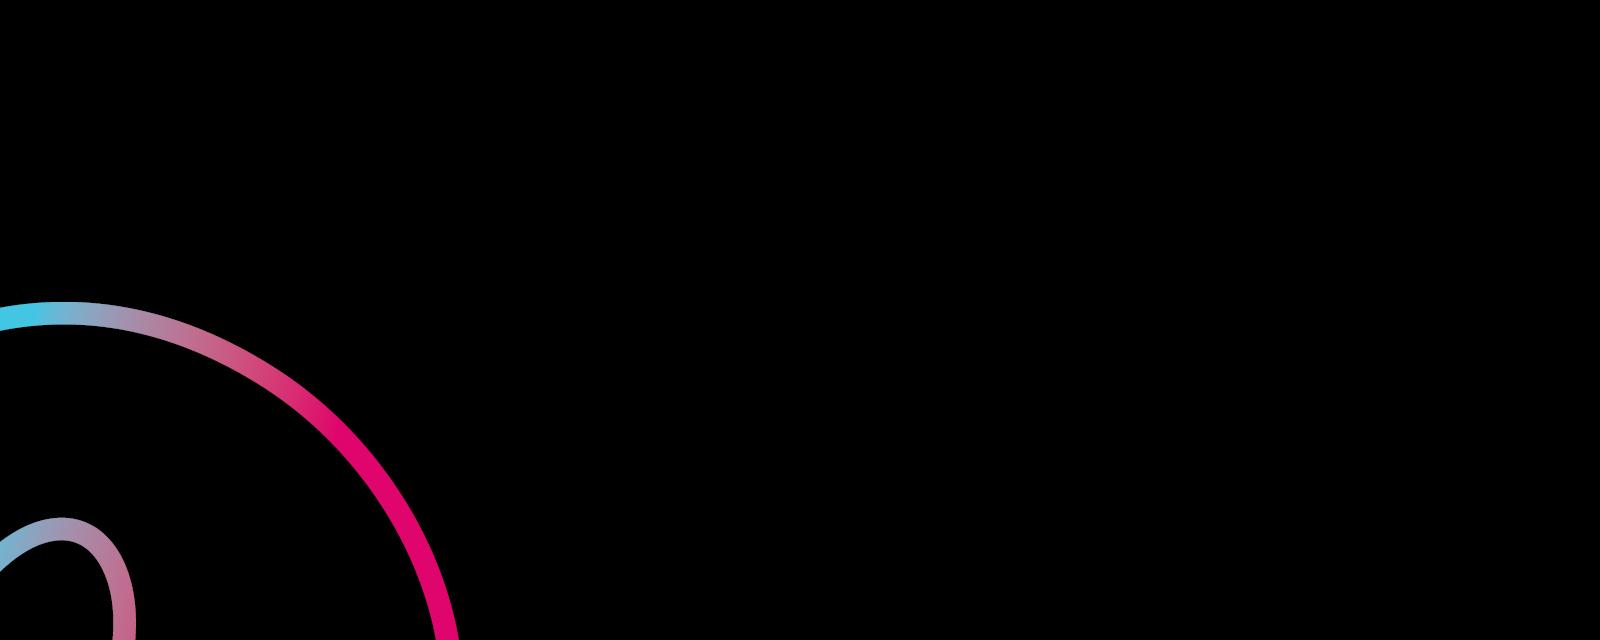 Website Banner Black Filler with MS v3